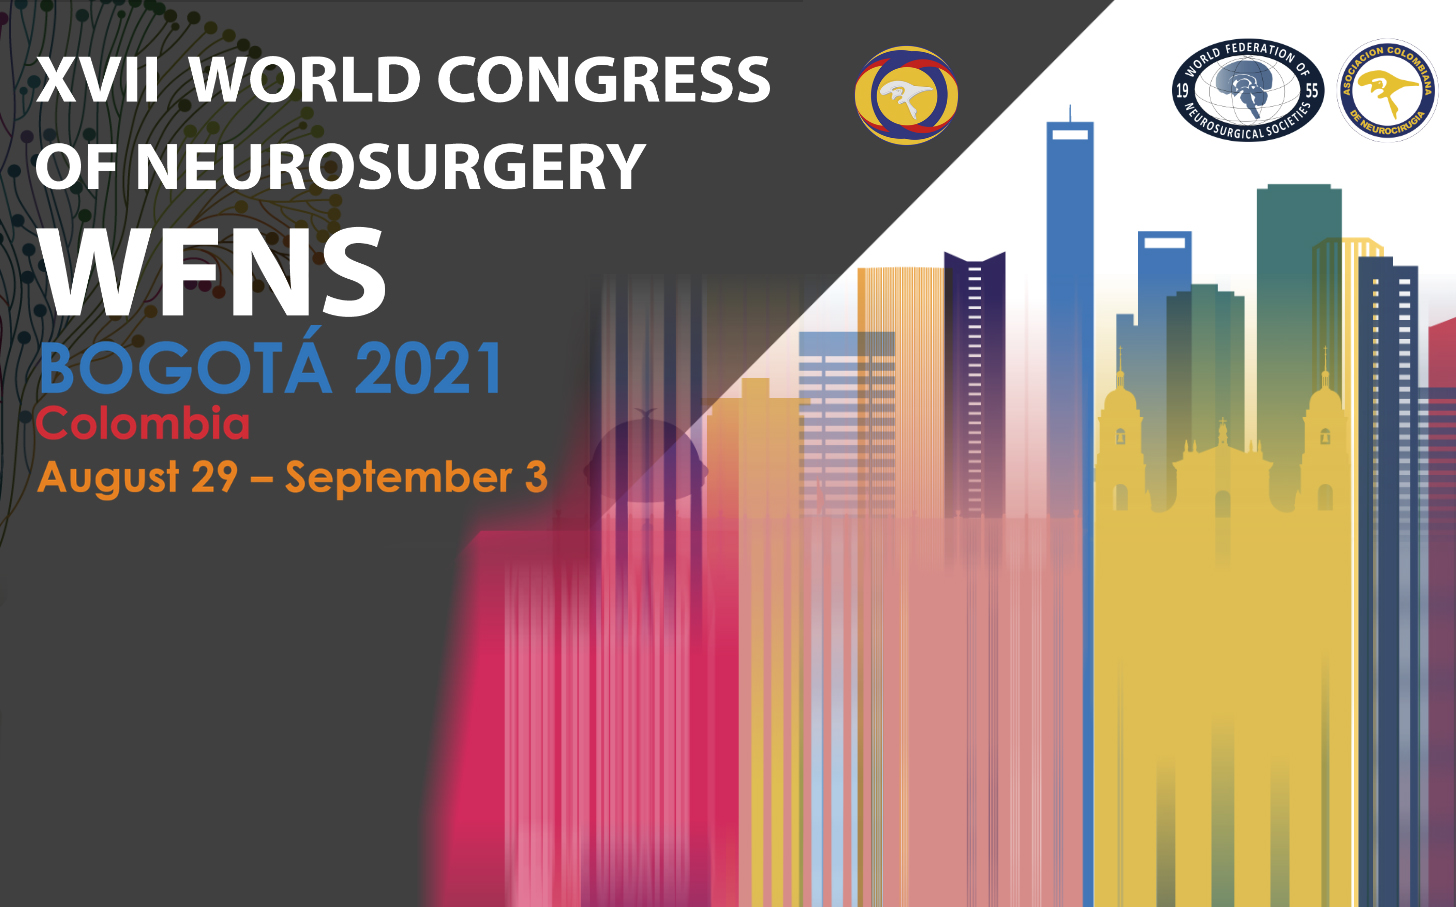 WFNS2021 Bogota SENEPE Sociedad Española de Neurocirugía Pediátrica